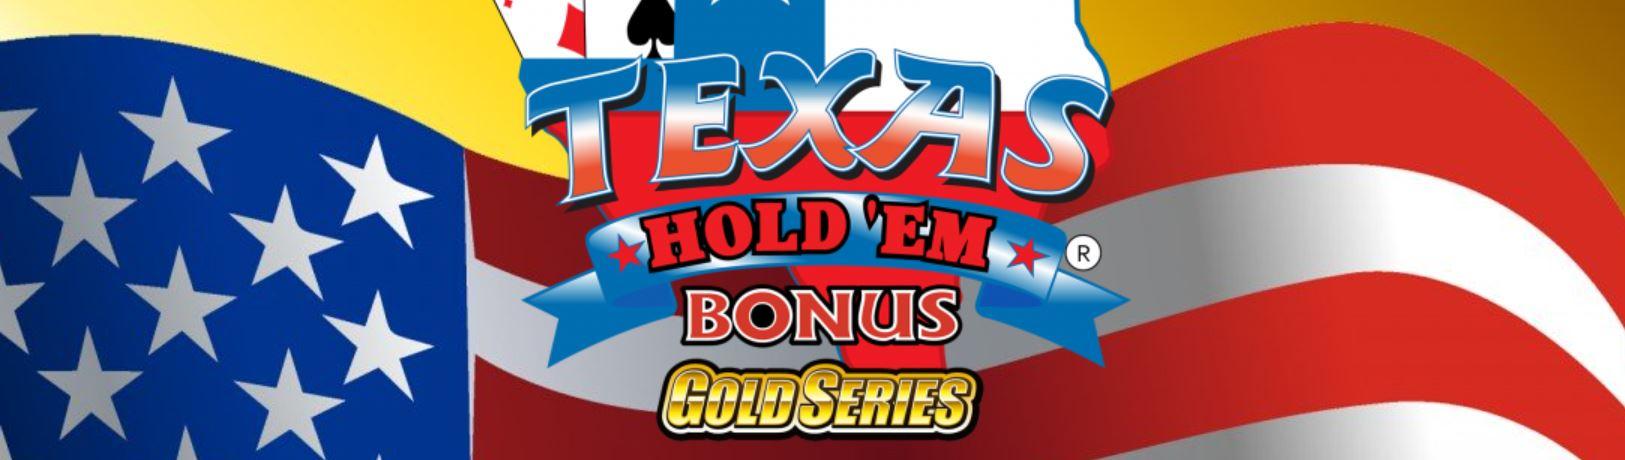 El texas holdem es un juego de poker con orígenes en América.